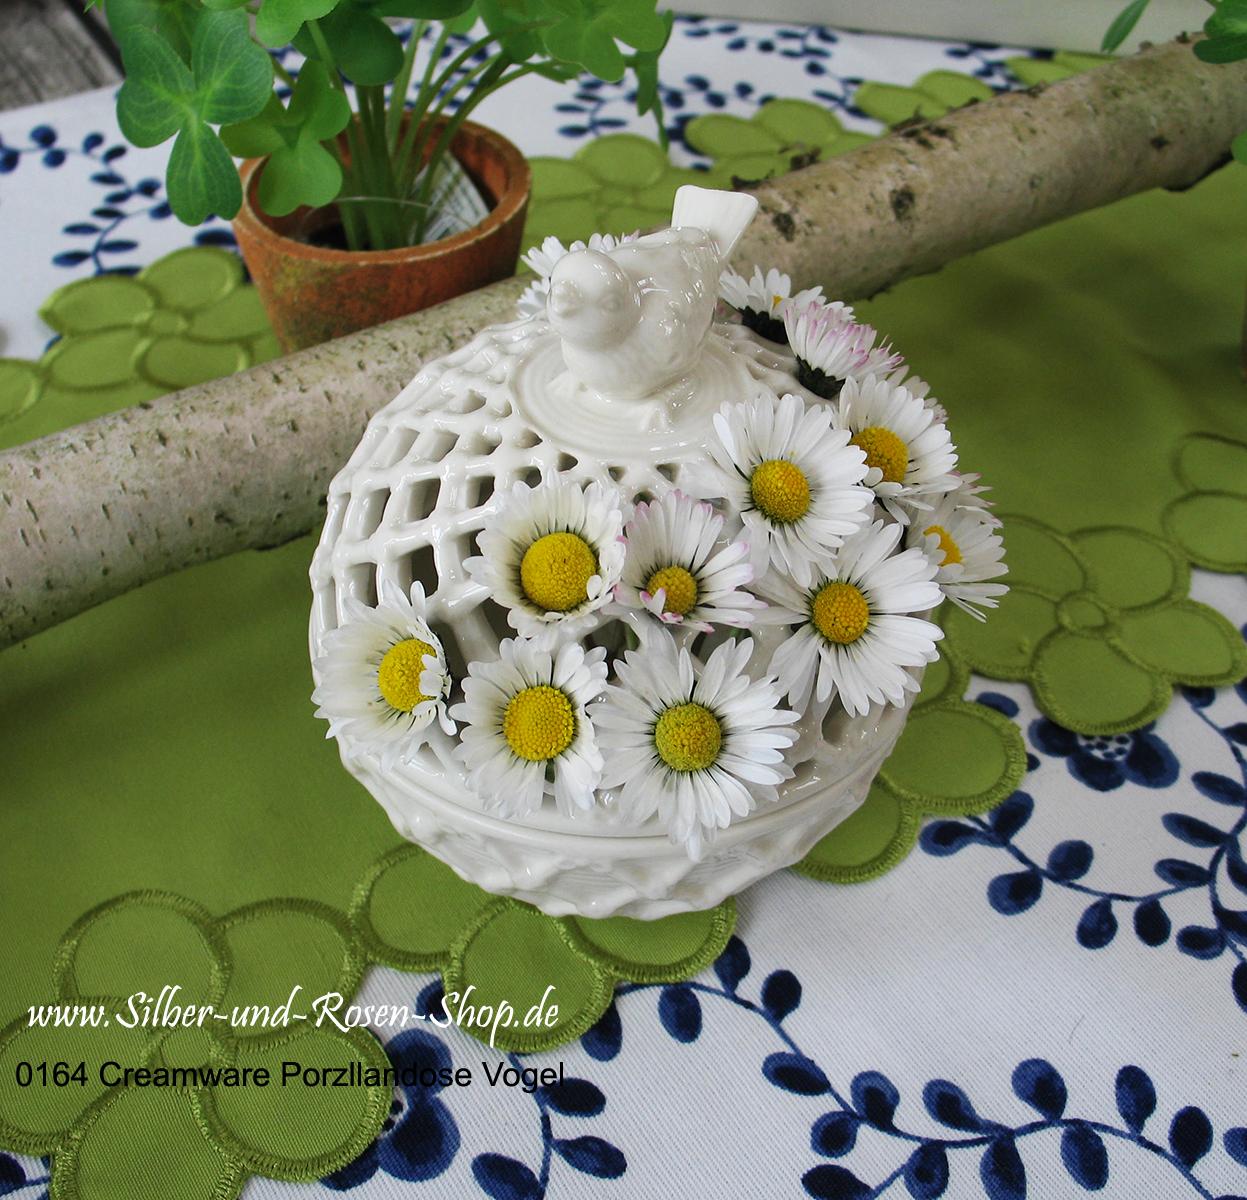 Kleine Porzellandose mit durchbrochenem Rand, für Duftpotpourri oder für kleine Blüten.